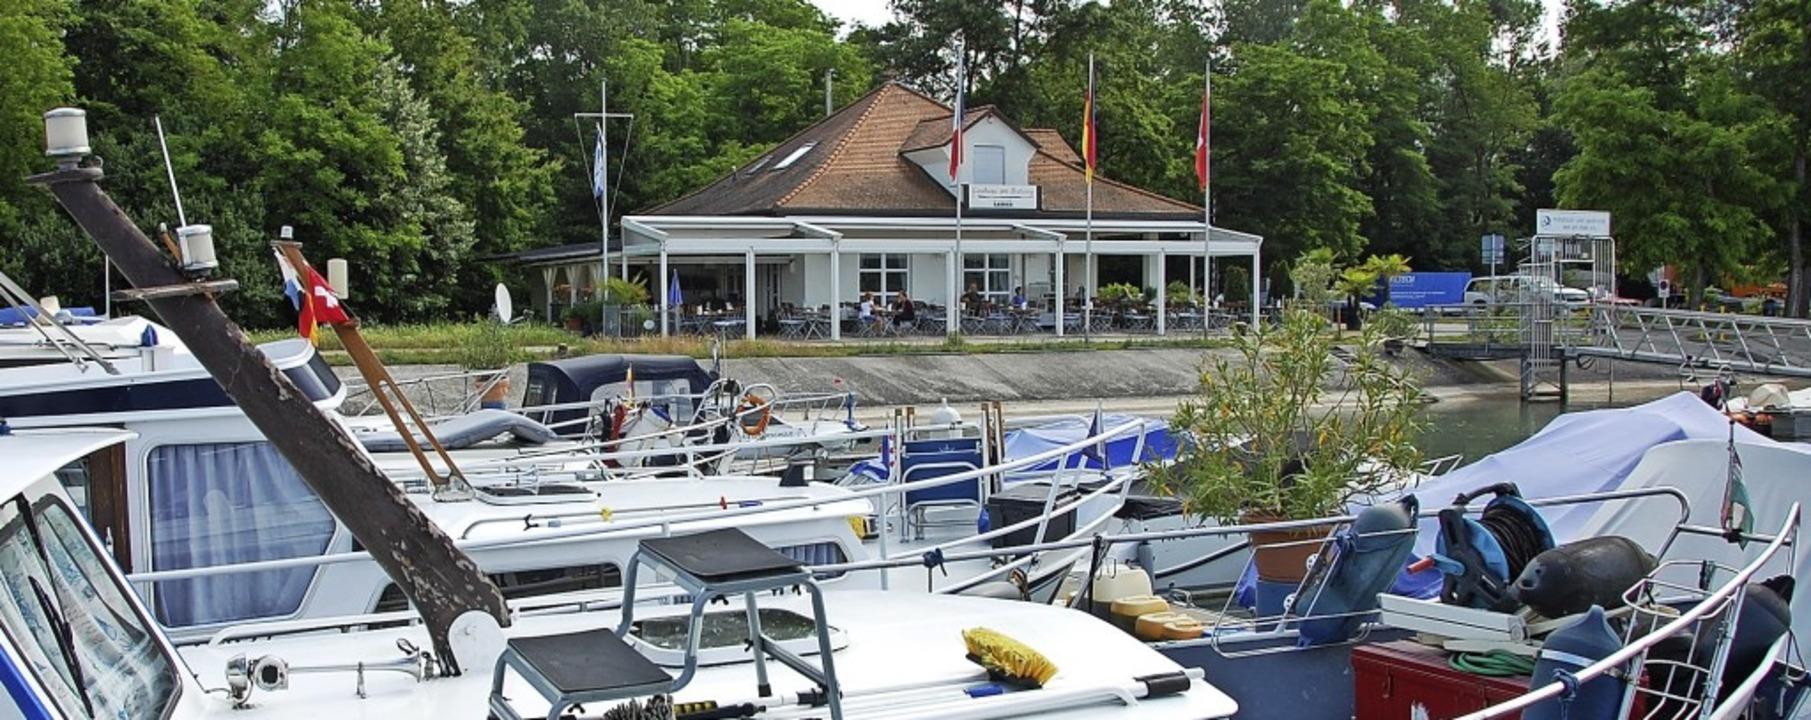 Der Yachthafen und das gut gehende Res...;   verströmen maritimes Urlaubsflair.  | Foto: Herbert Frey